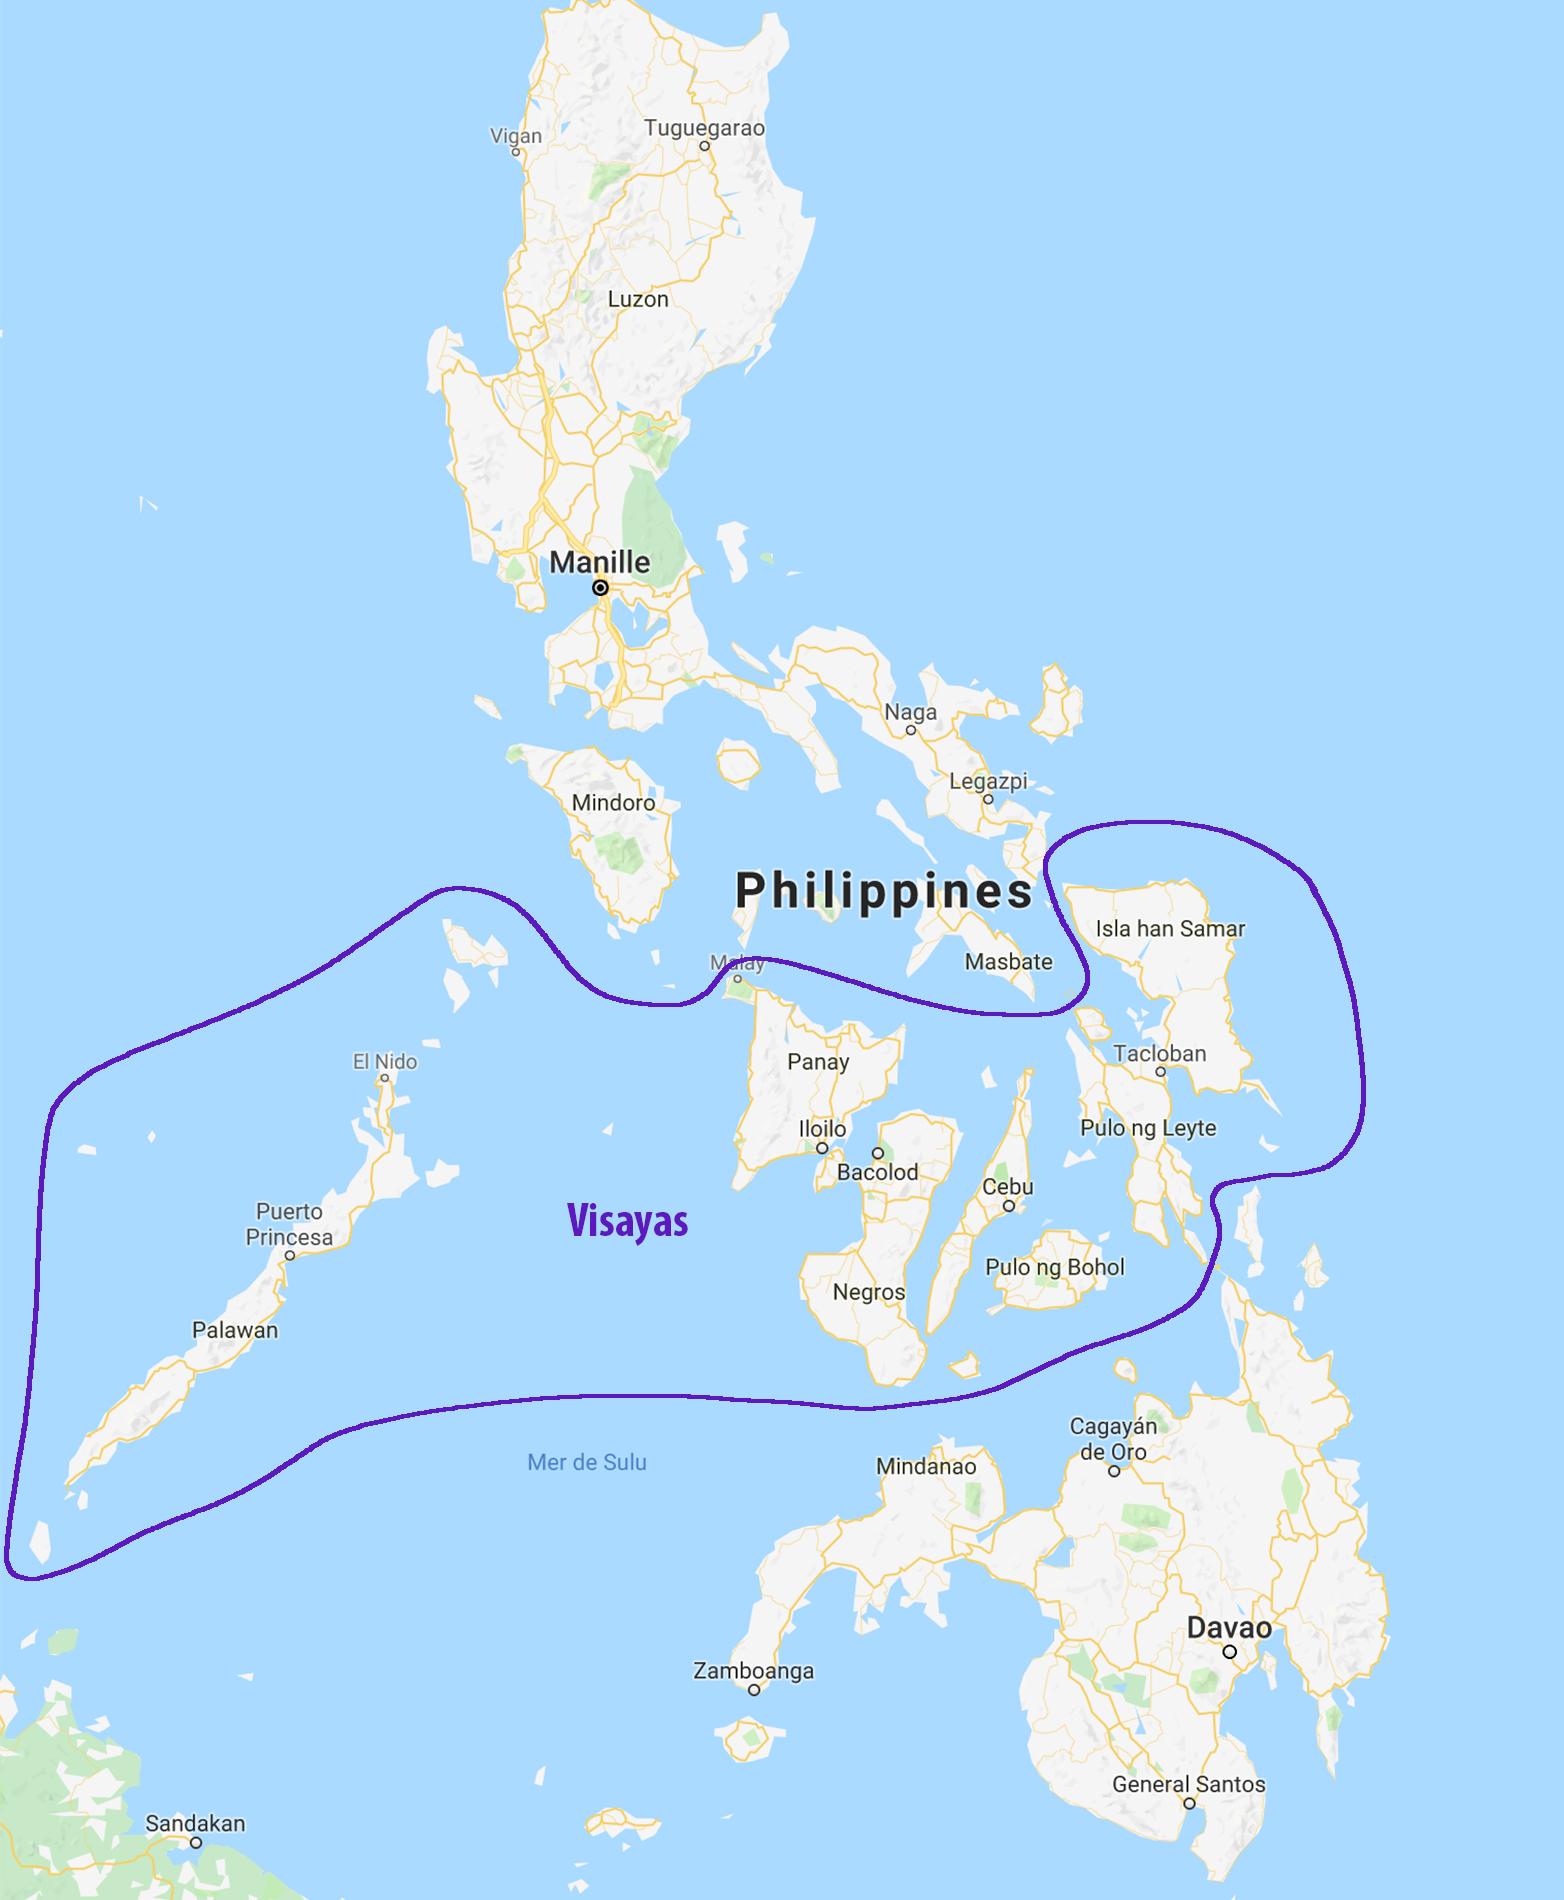 Carte des Philippines et des Visayas